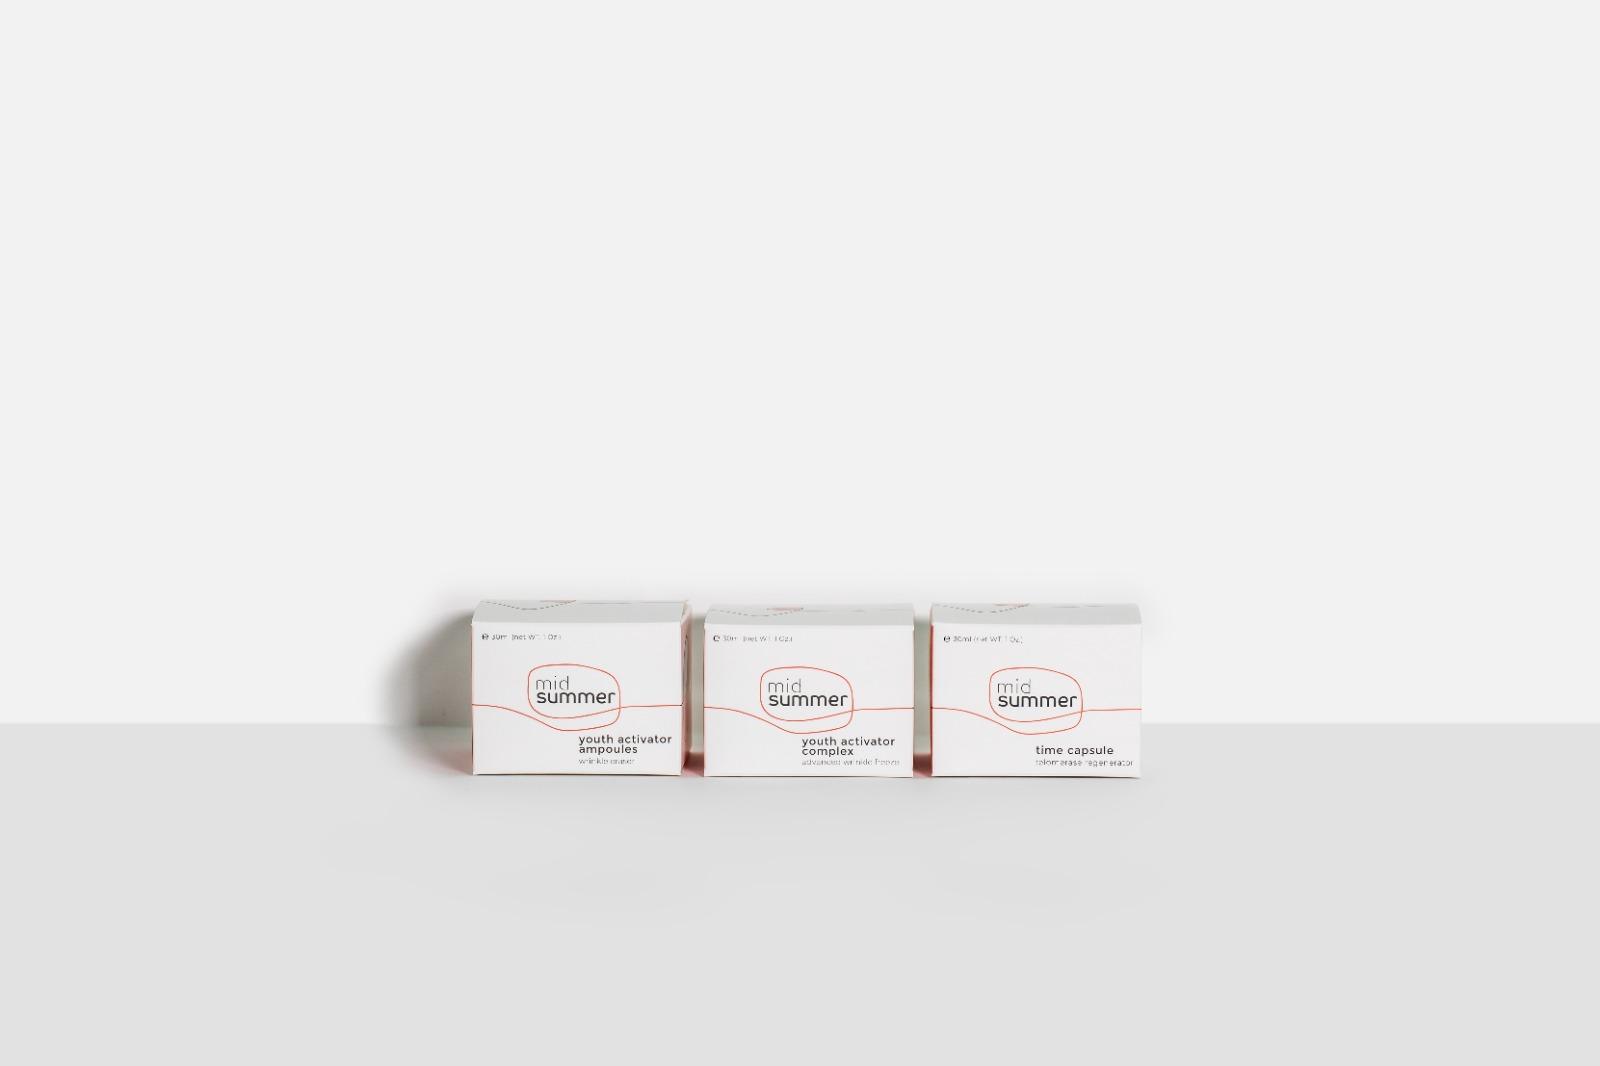 Красота по-научному: Новаторская компания Midsummer Skin и нейрокосметический уход за кожей-Фото 1